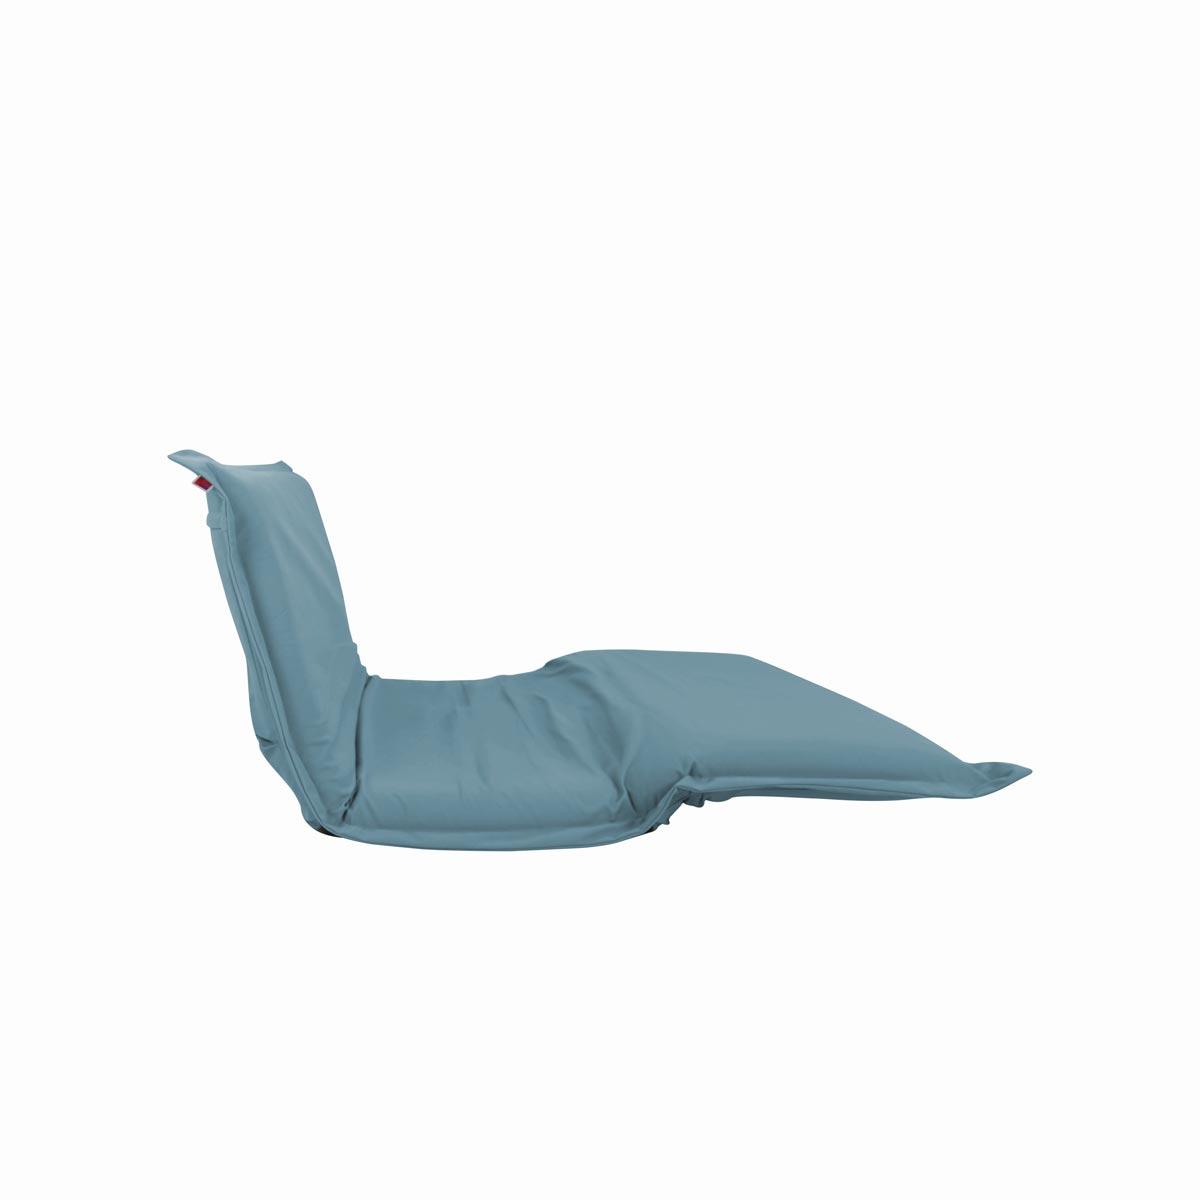 Pufe ClicClac Duo Lounge Tecido LN03 Azul Ceu 03 03